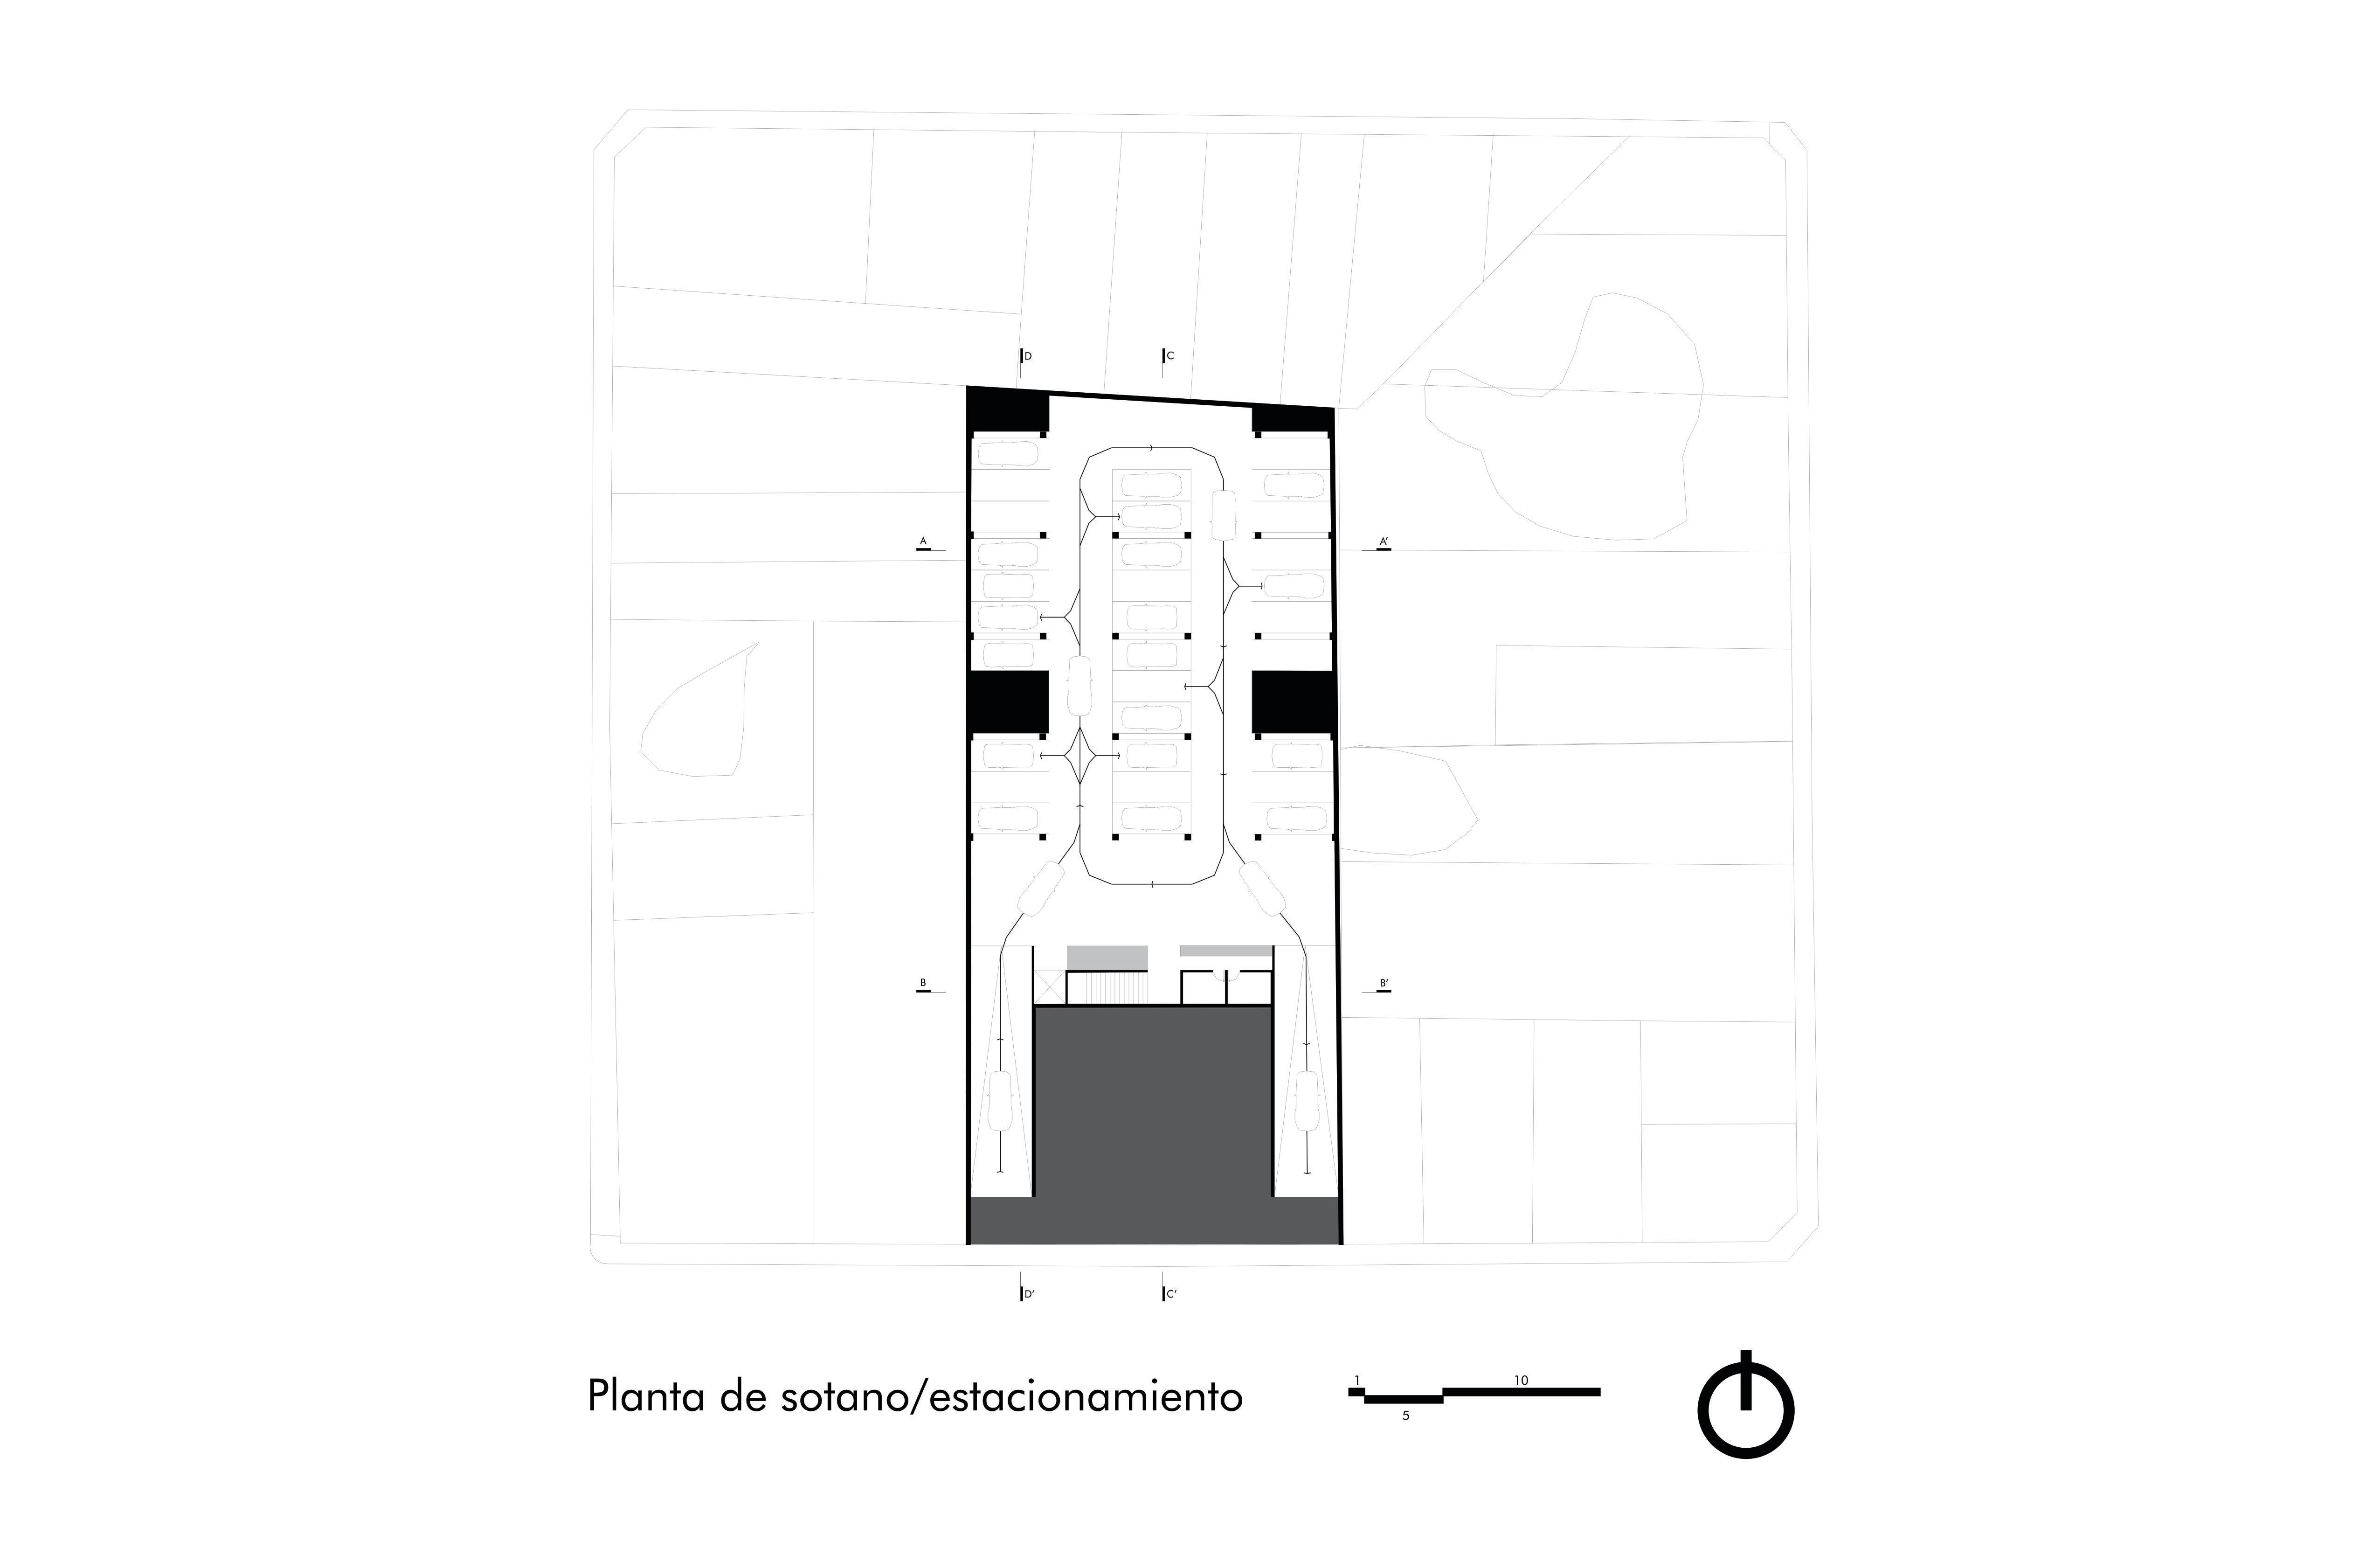 +02 PLANTA DE SOTANO